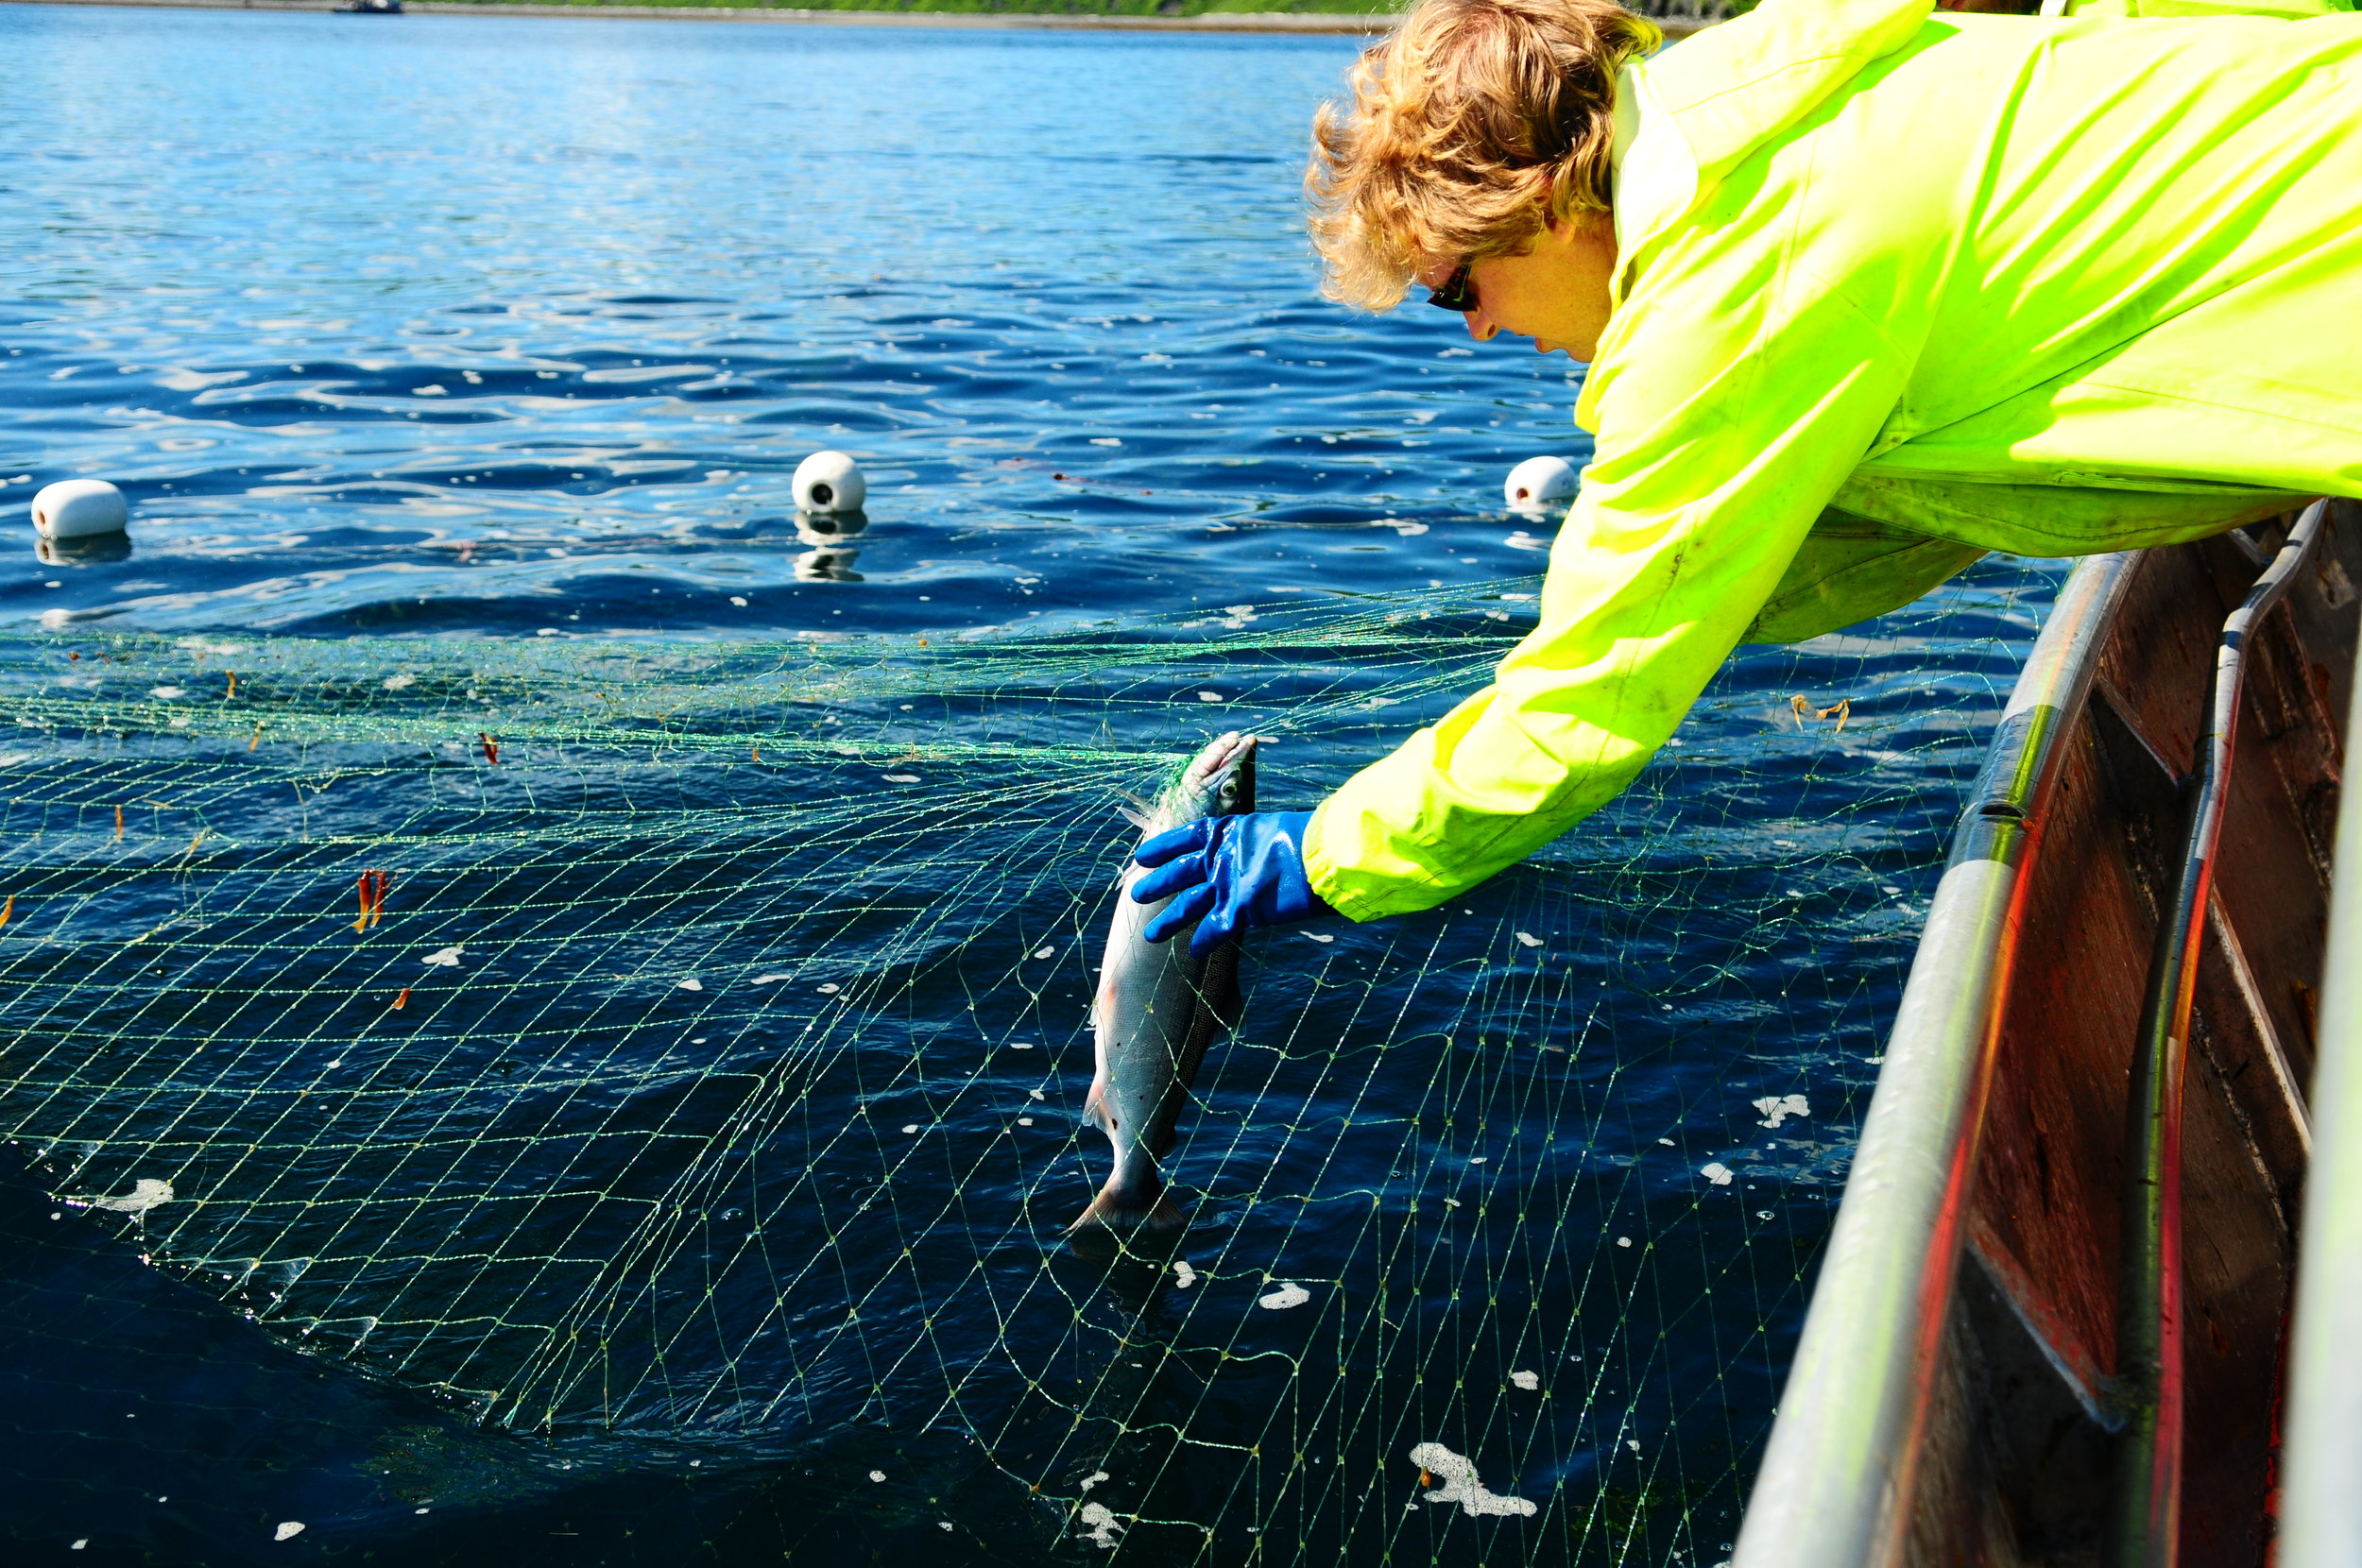 fish in net in water.JPG